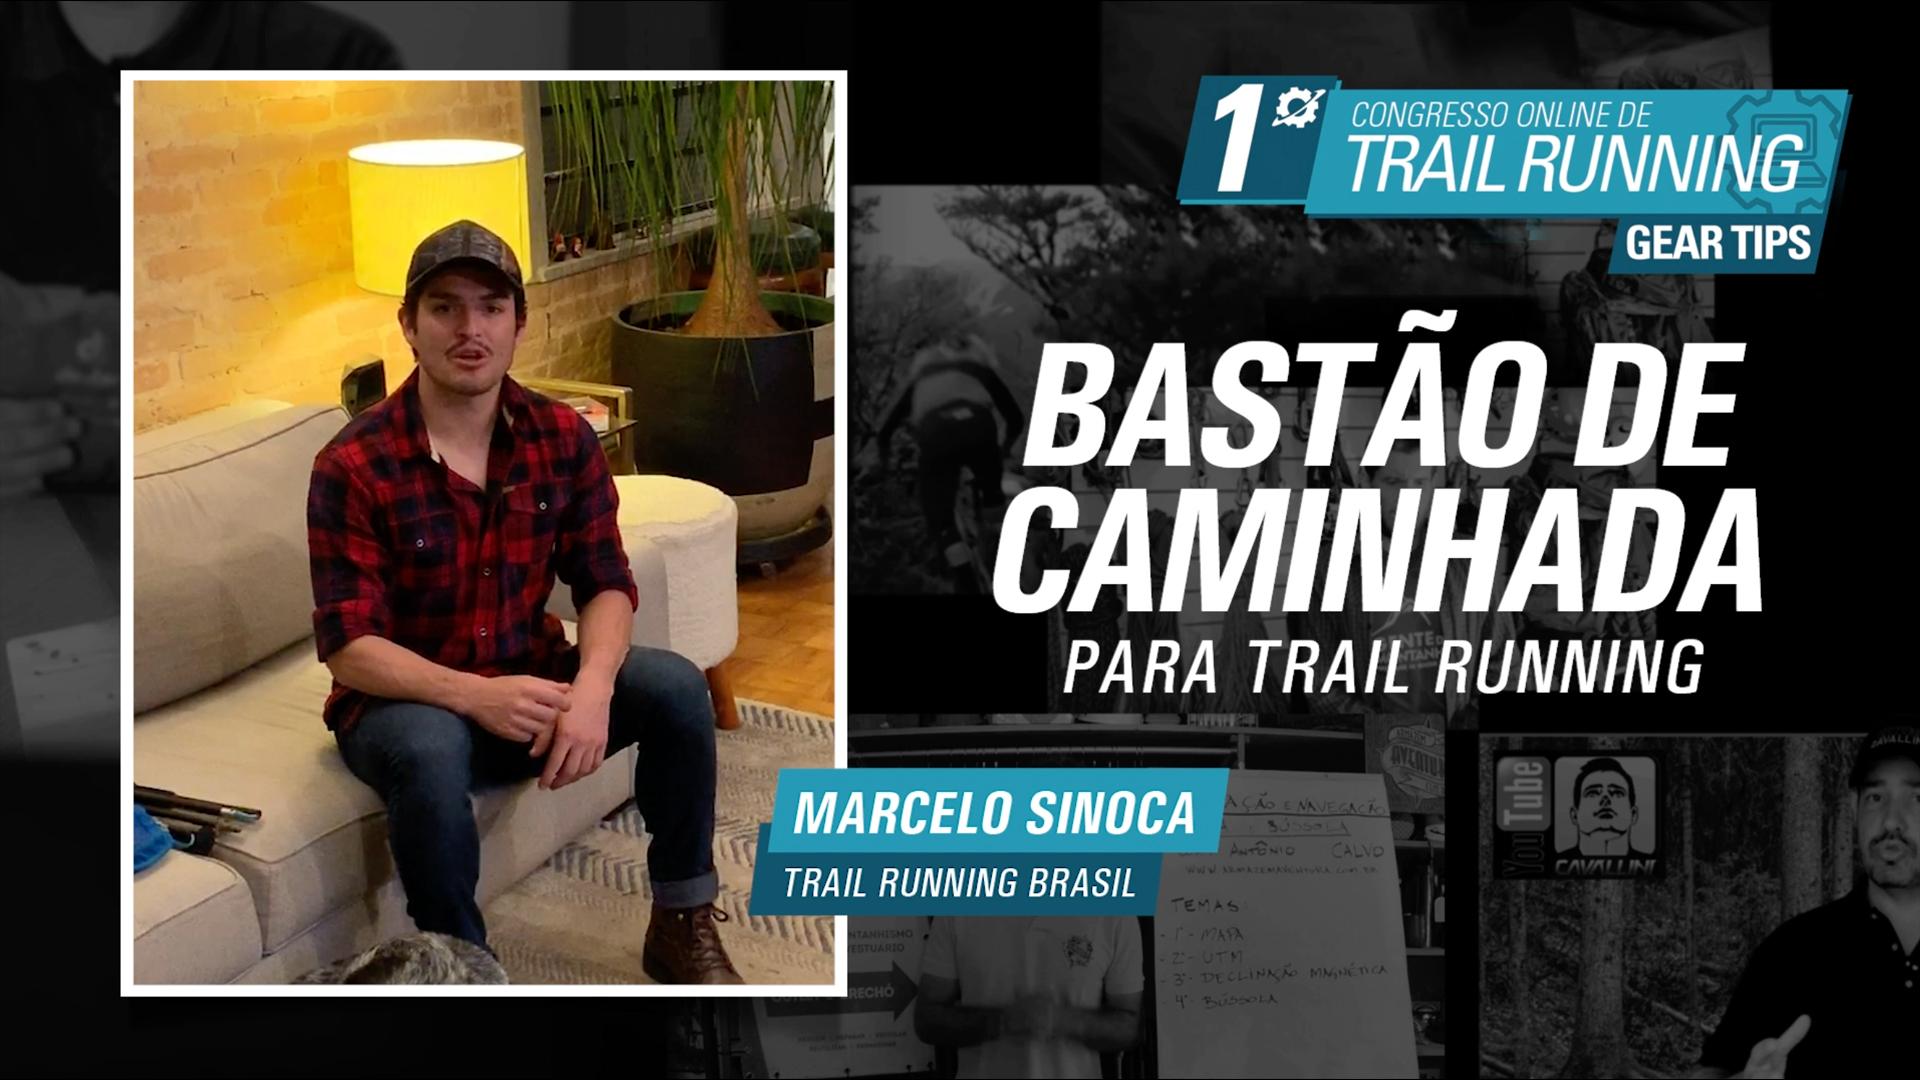 Bastões de Caminhada para Trail Running - Marcelo Sinoca